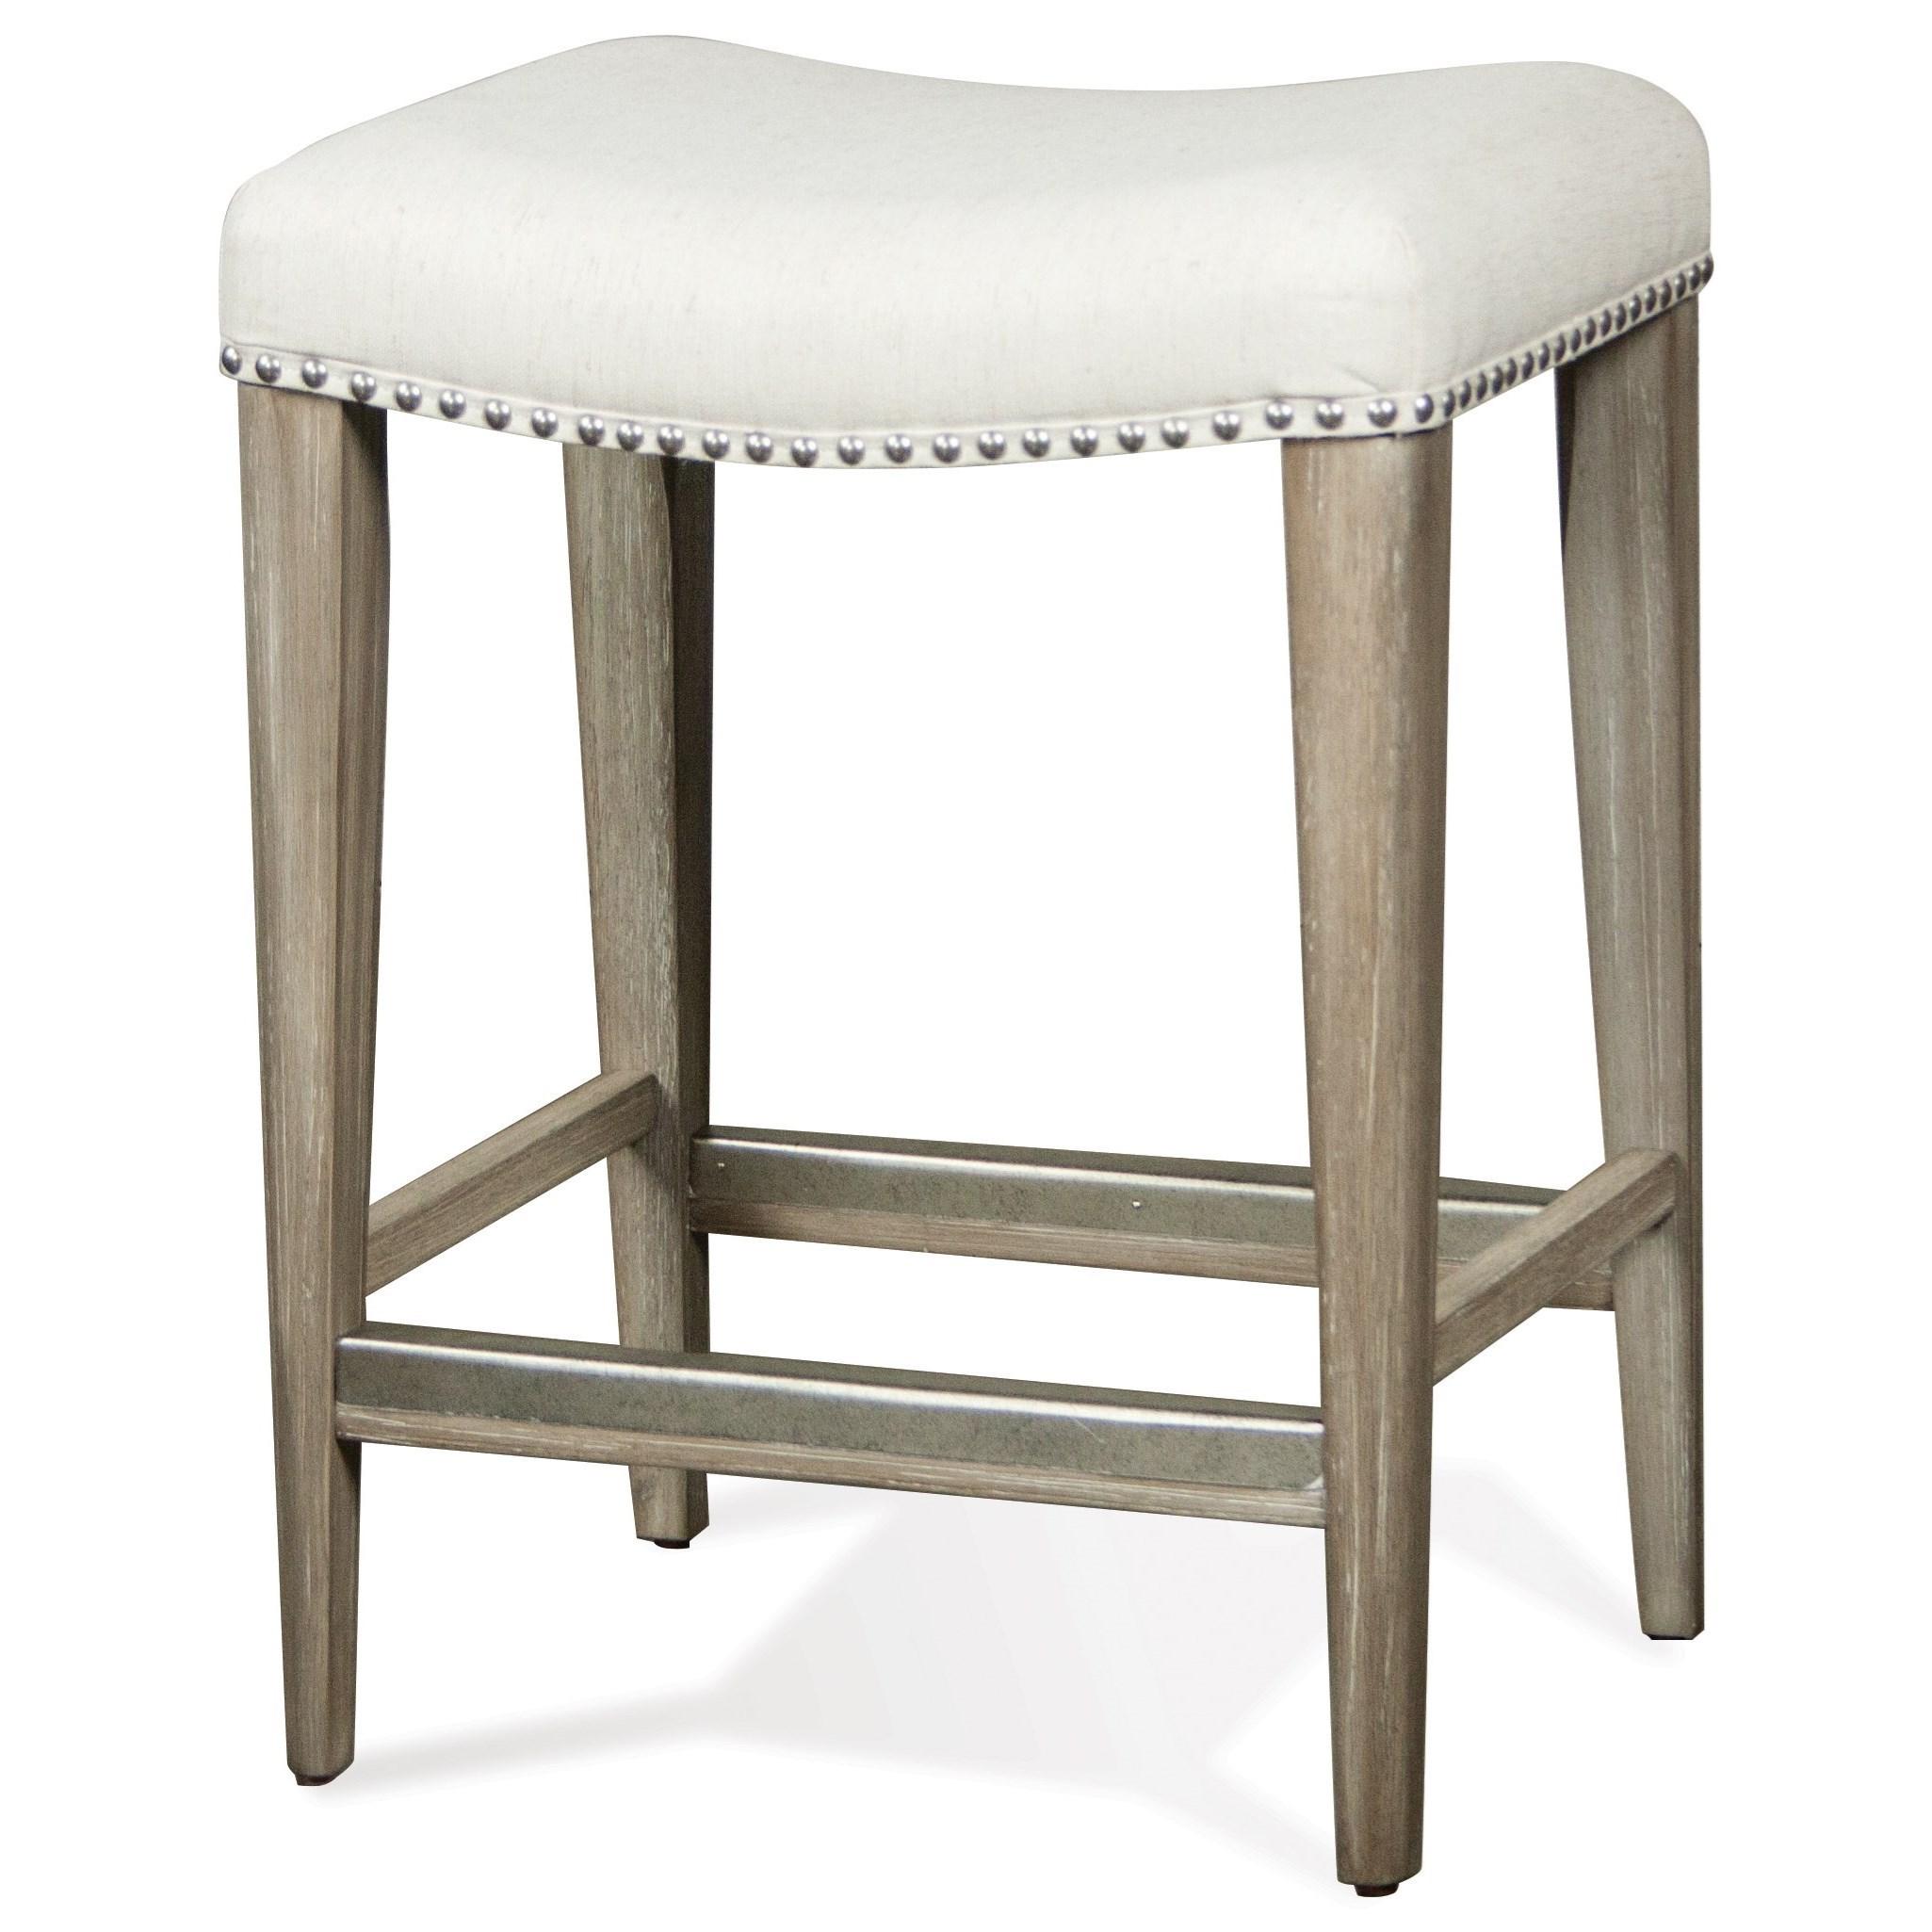 riverside furniture sophie sofa table with backless. Black Bedroom Furniture Sets. Home Design Ideas